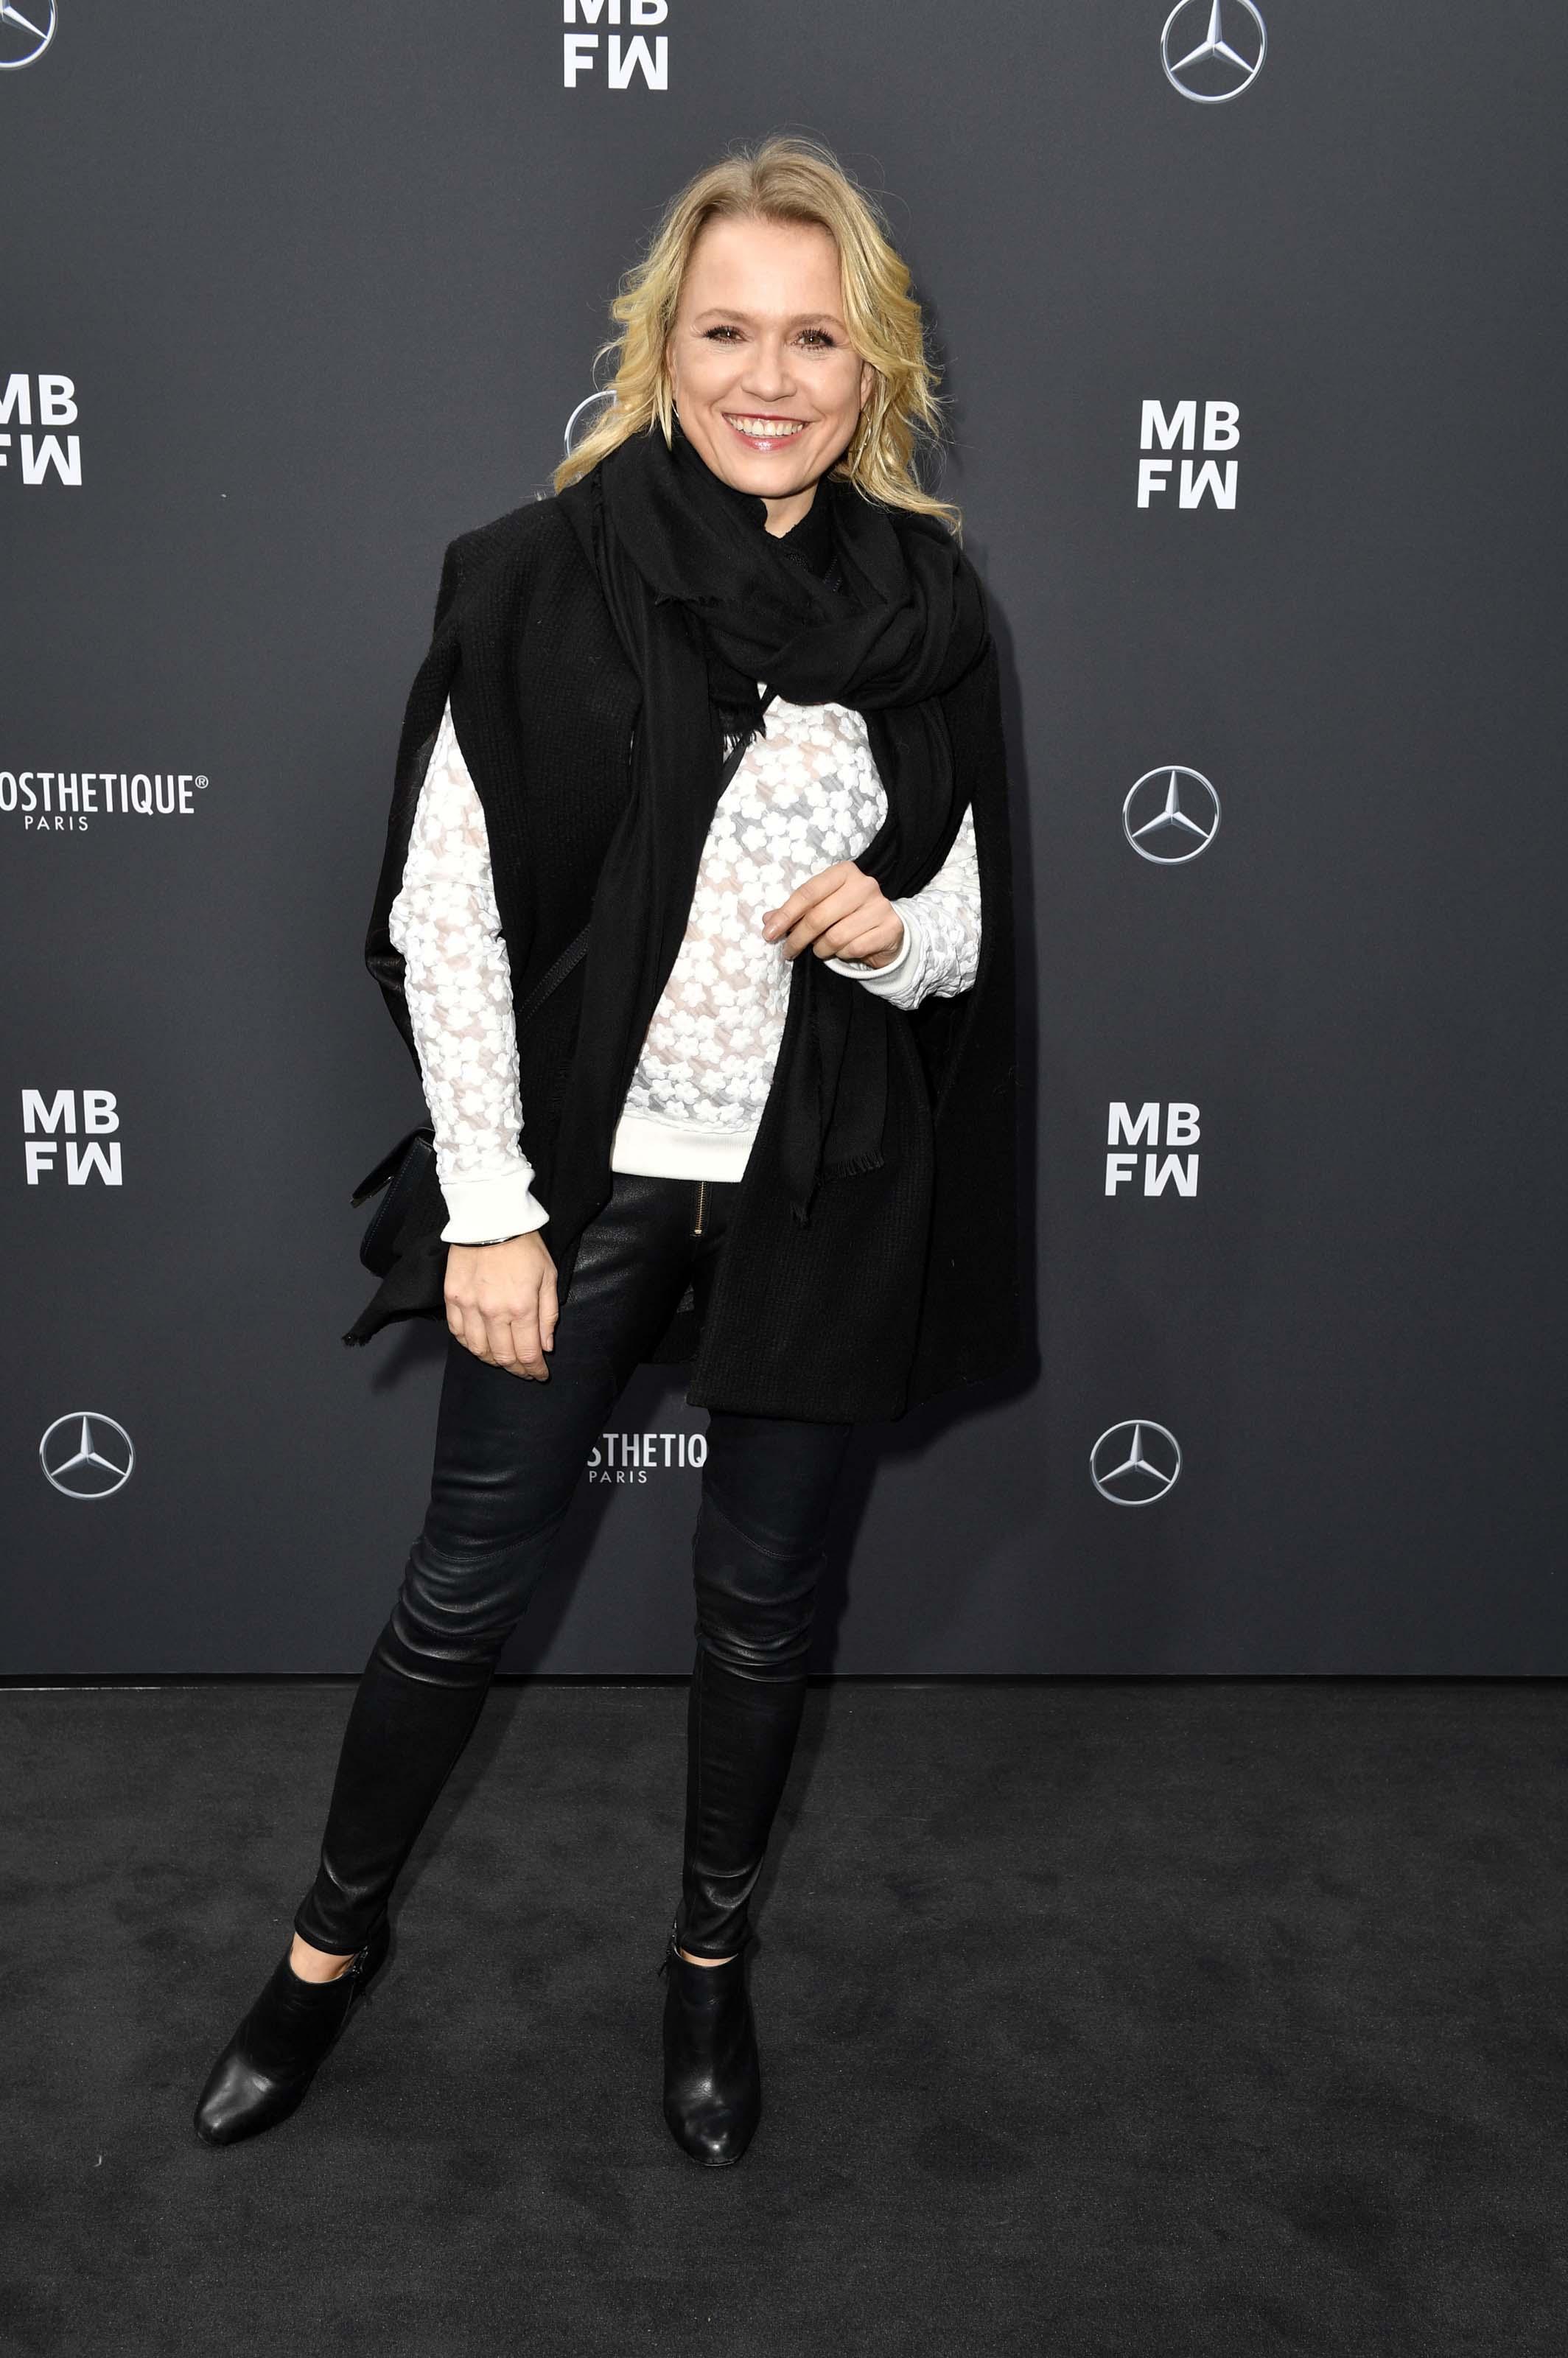 Nova Meierhenrich attends Irene Luft Modenschau